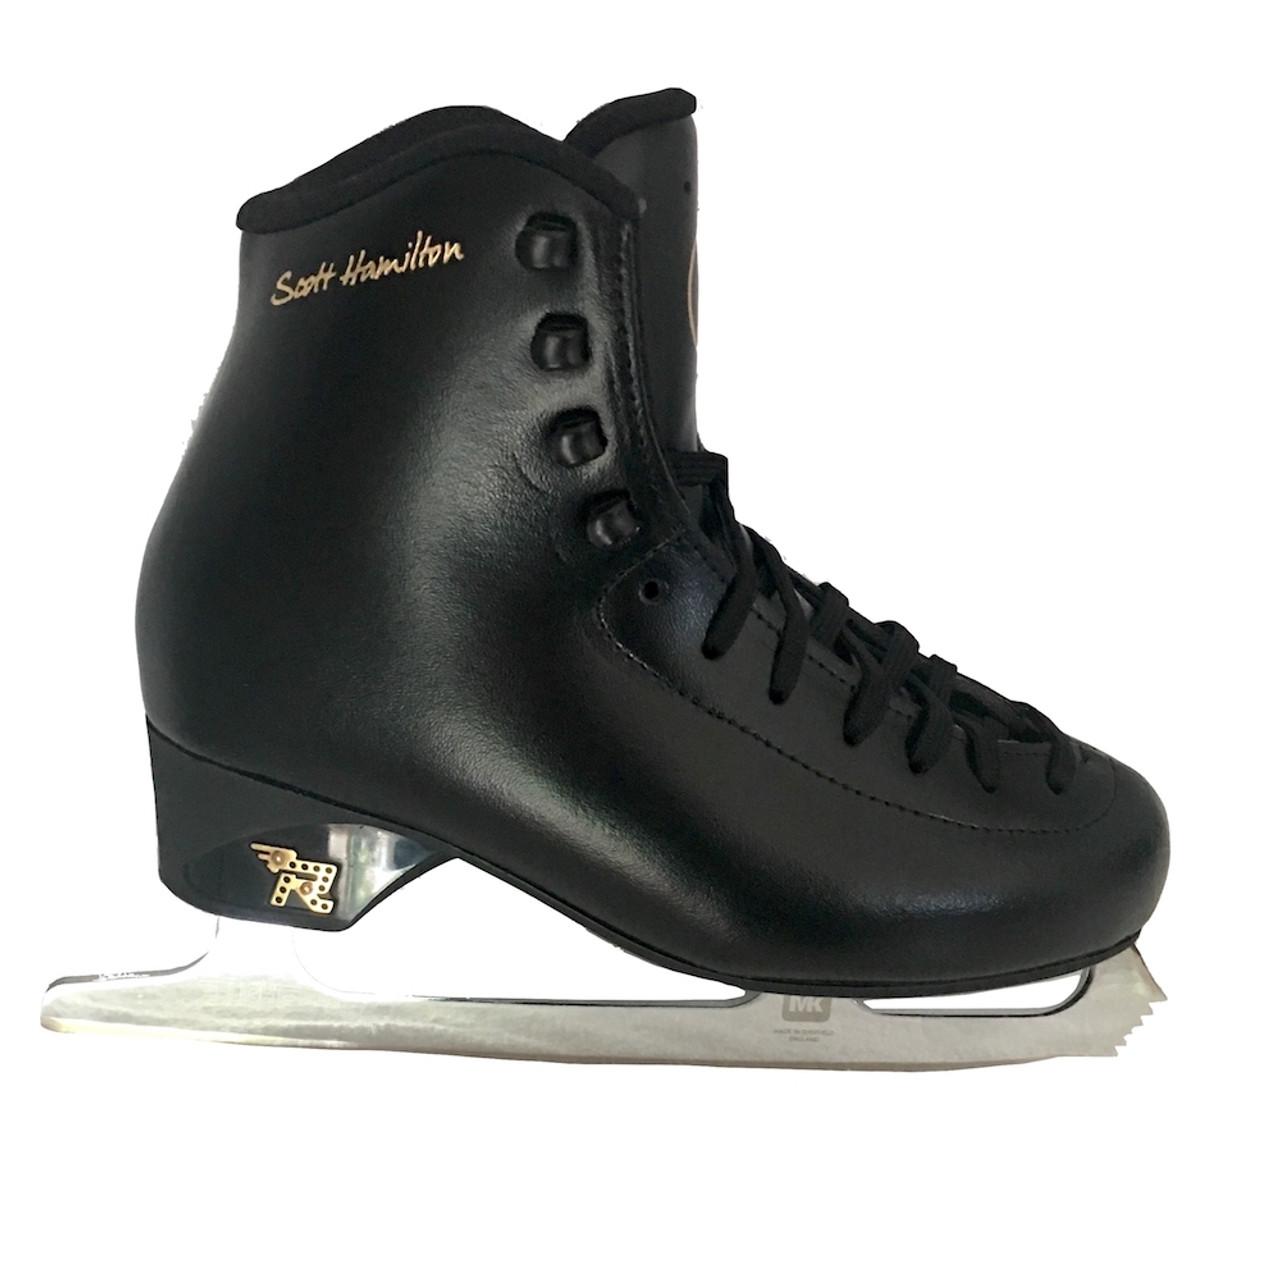 Risport Scott Hamilton Figure Skate